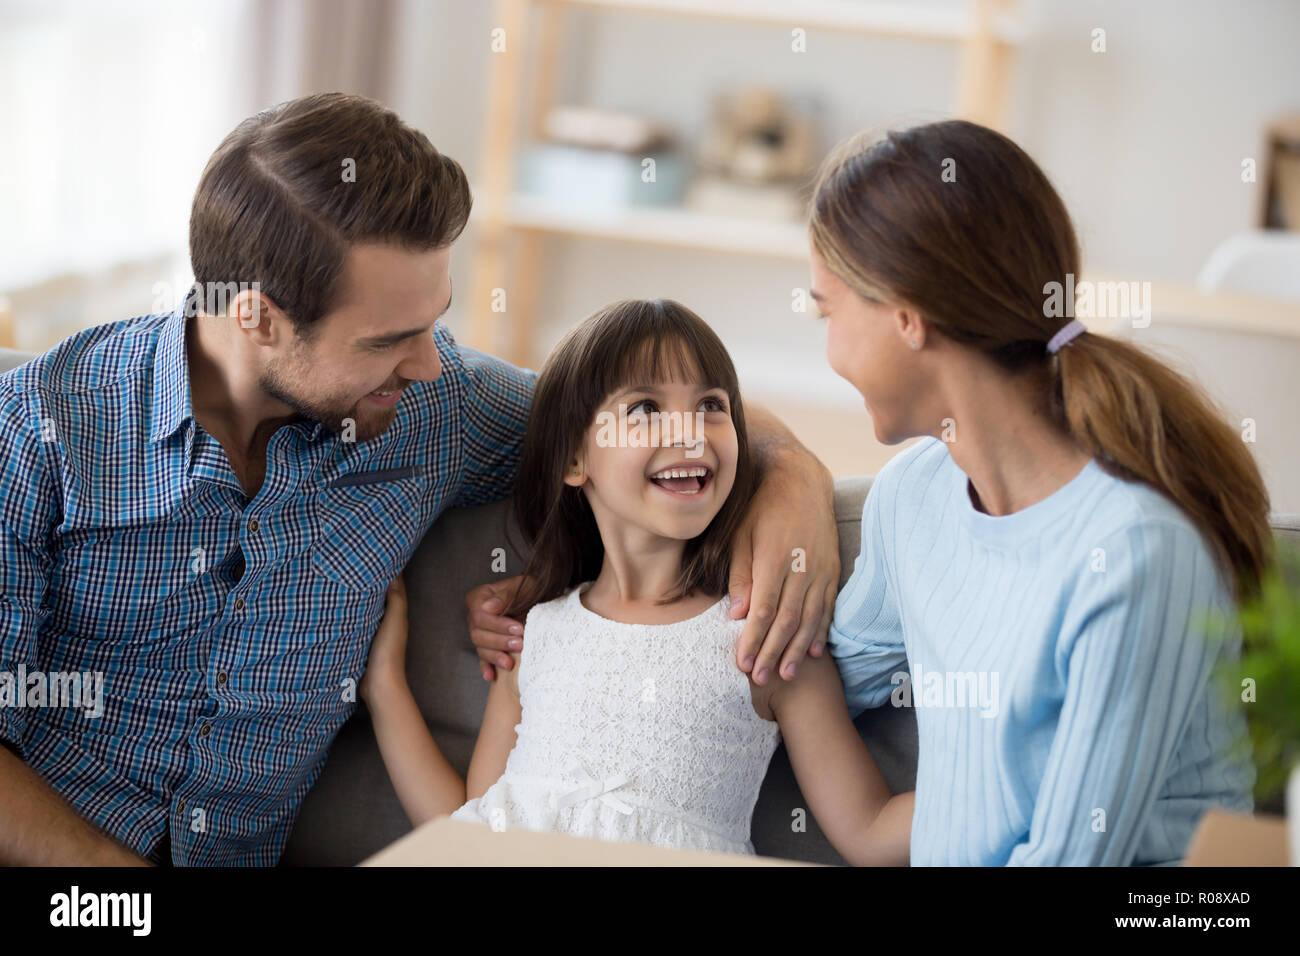 Tochter sitzen gemeinsam mit den Eltern auf der Couch im Wohnzimmer. Stockfoto